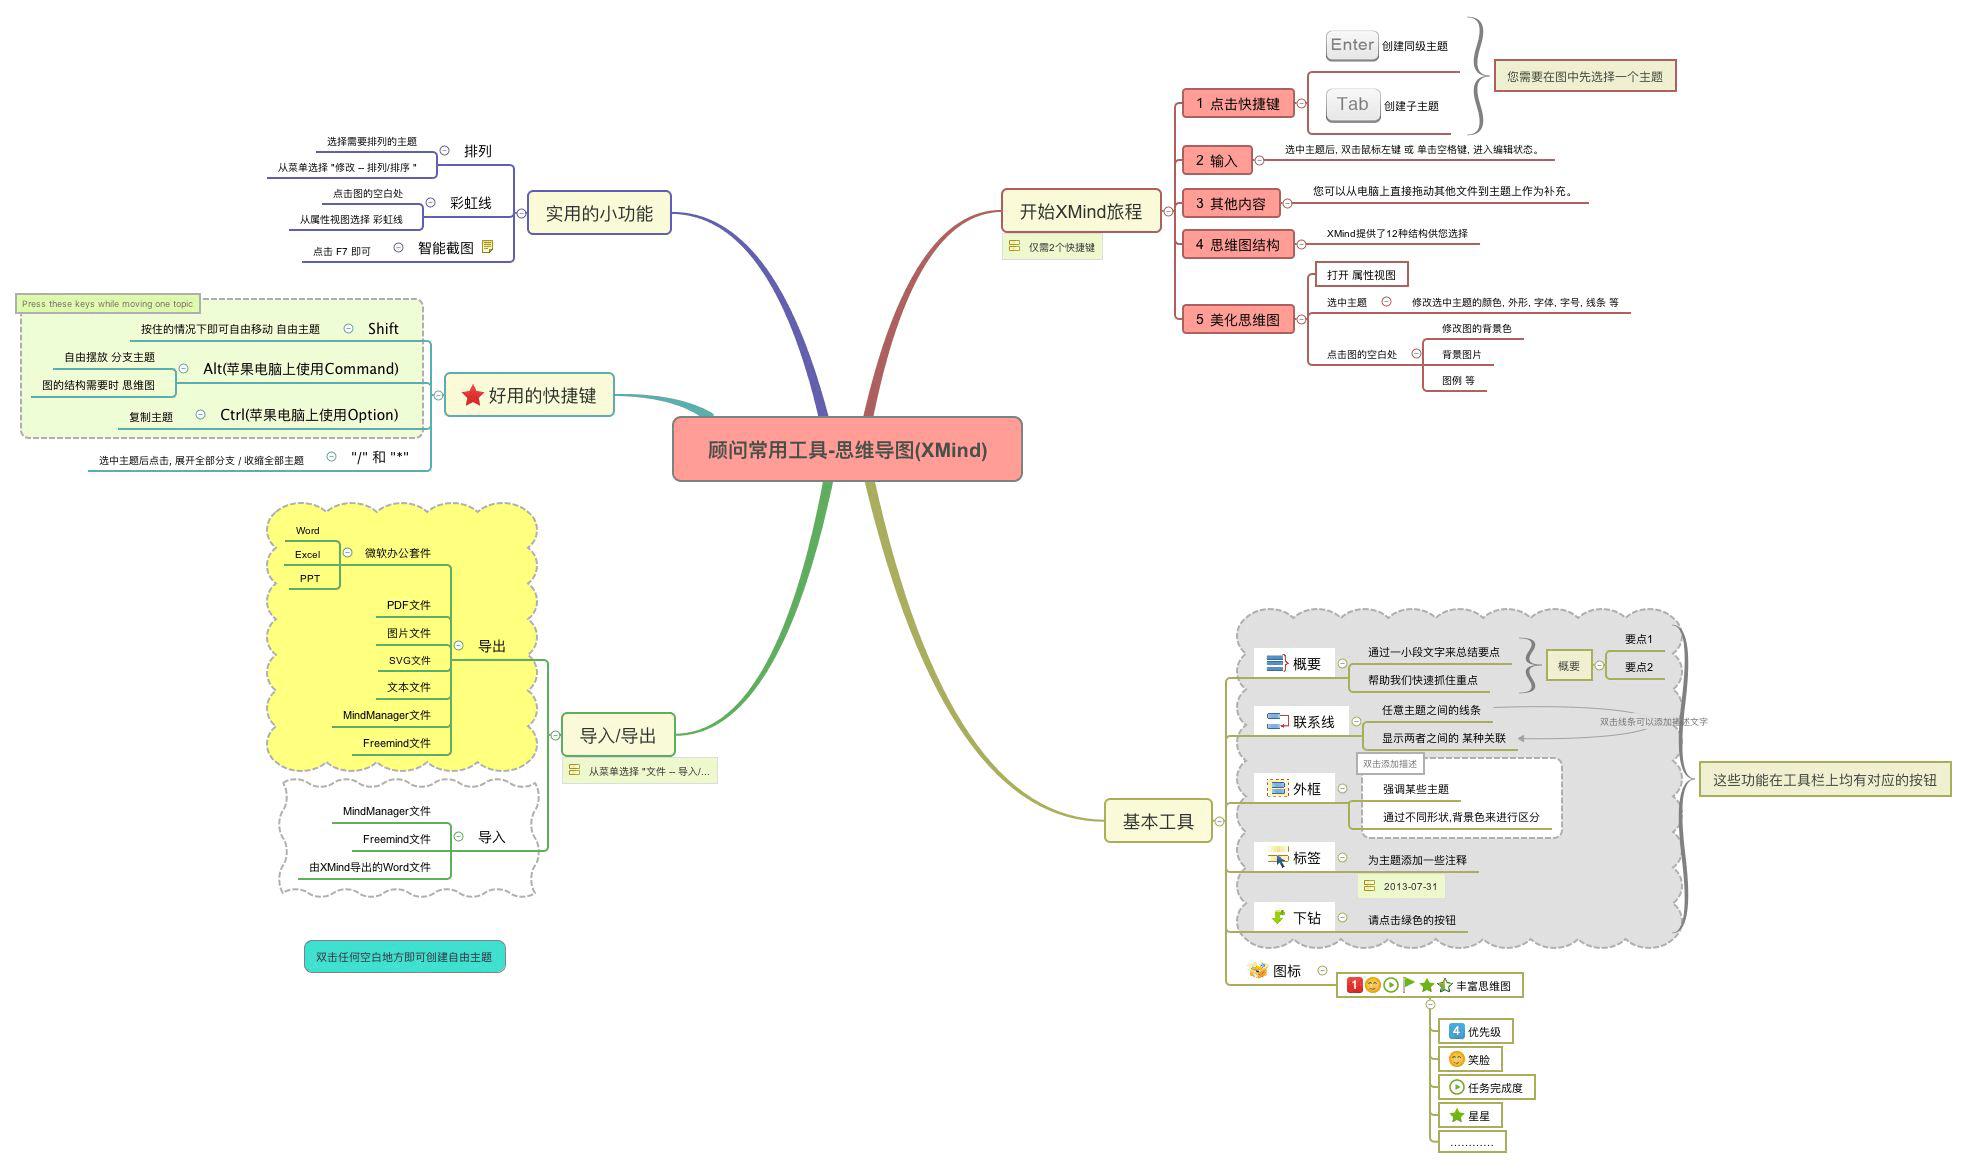 管理学基础-第一章管理学概述 - 思维导图